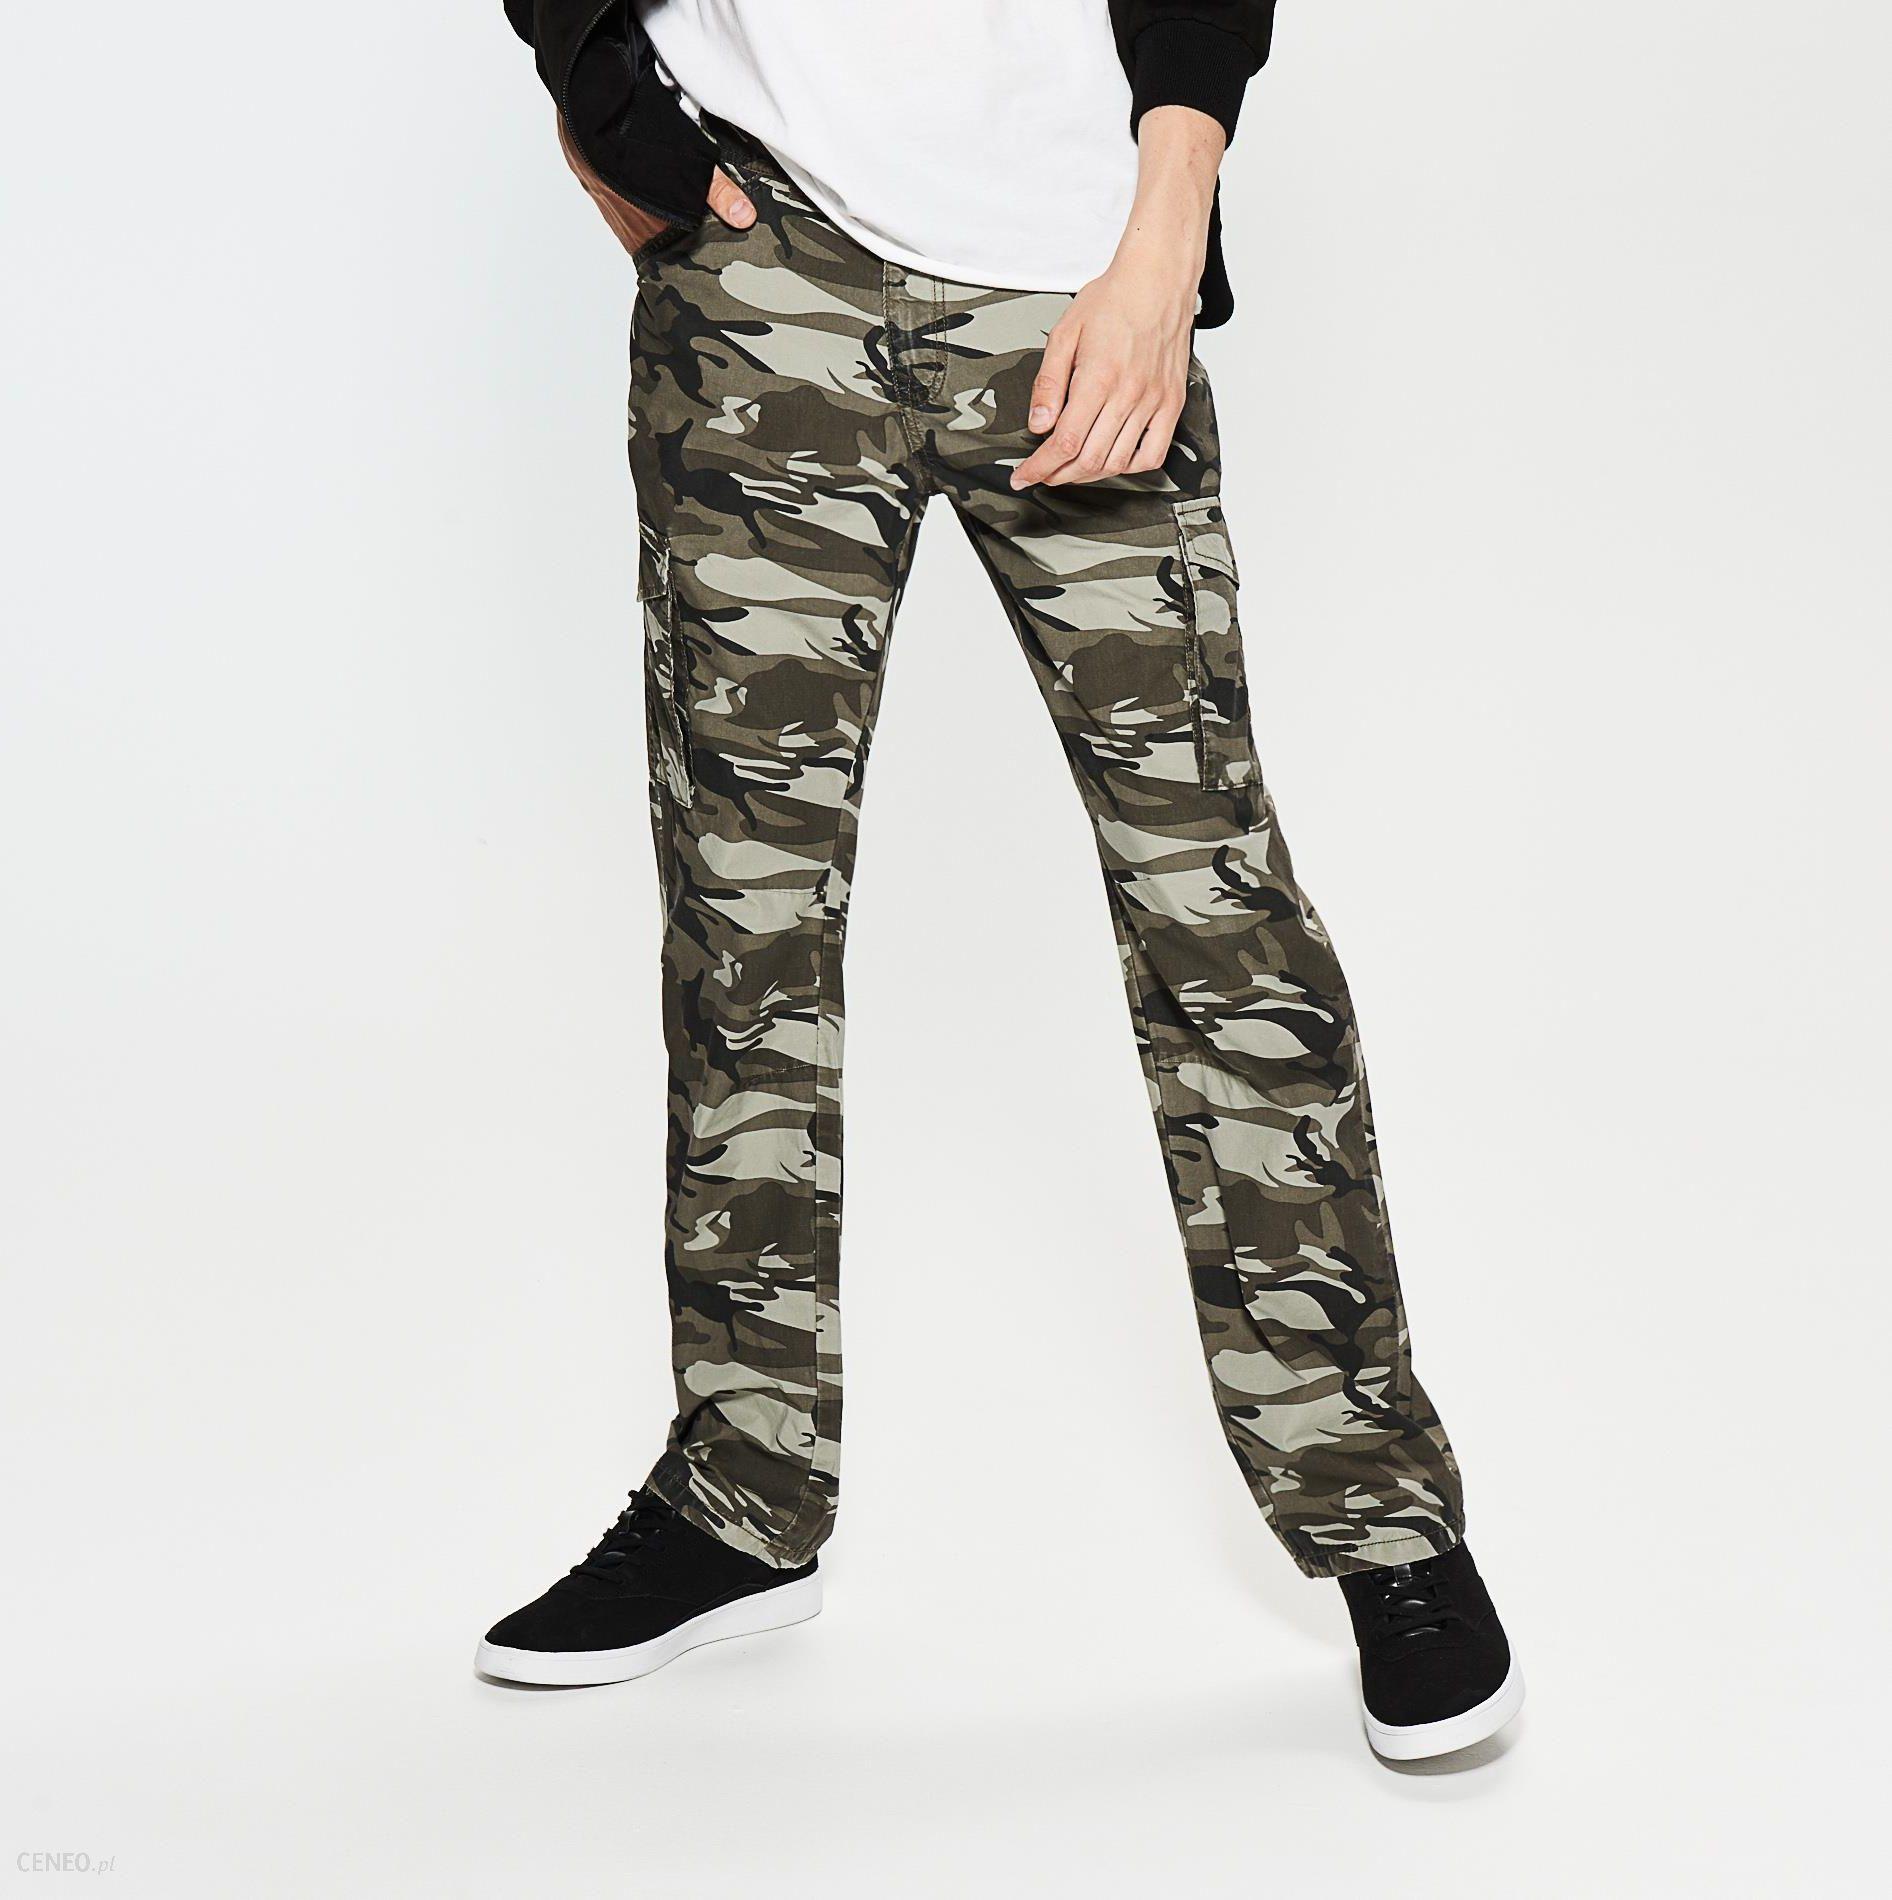 2b8cec6c83 House - Bawełniane spodnie moro - Wielobarwn - damski - Ceny i ...